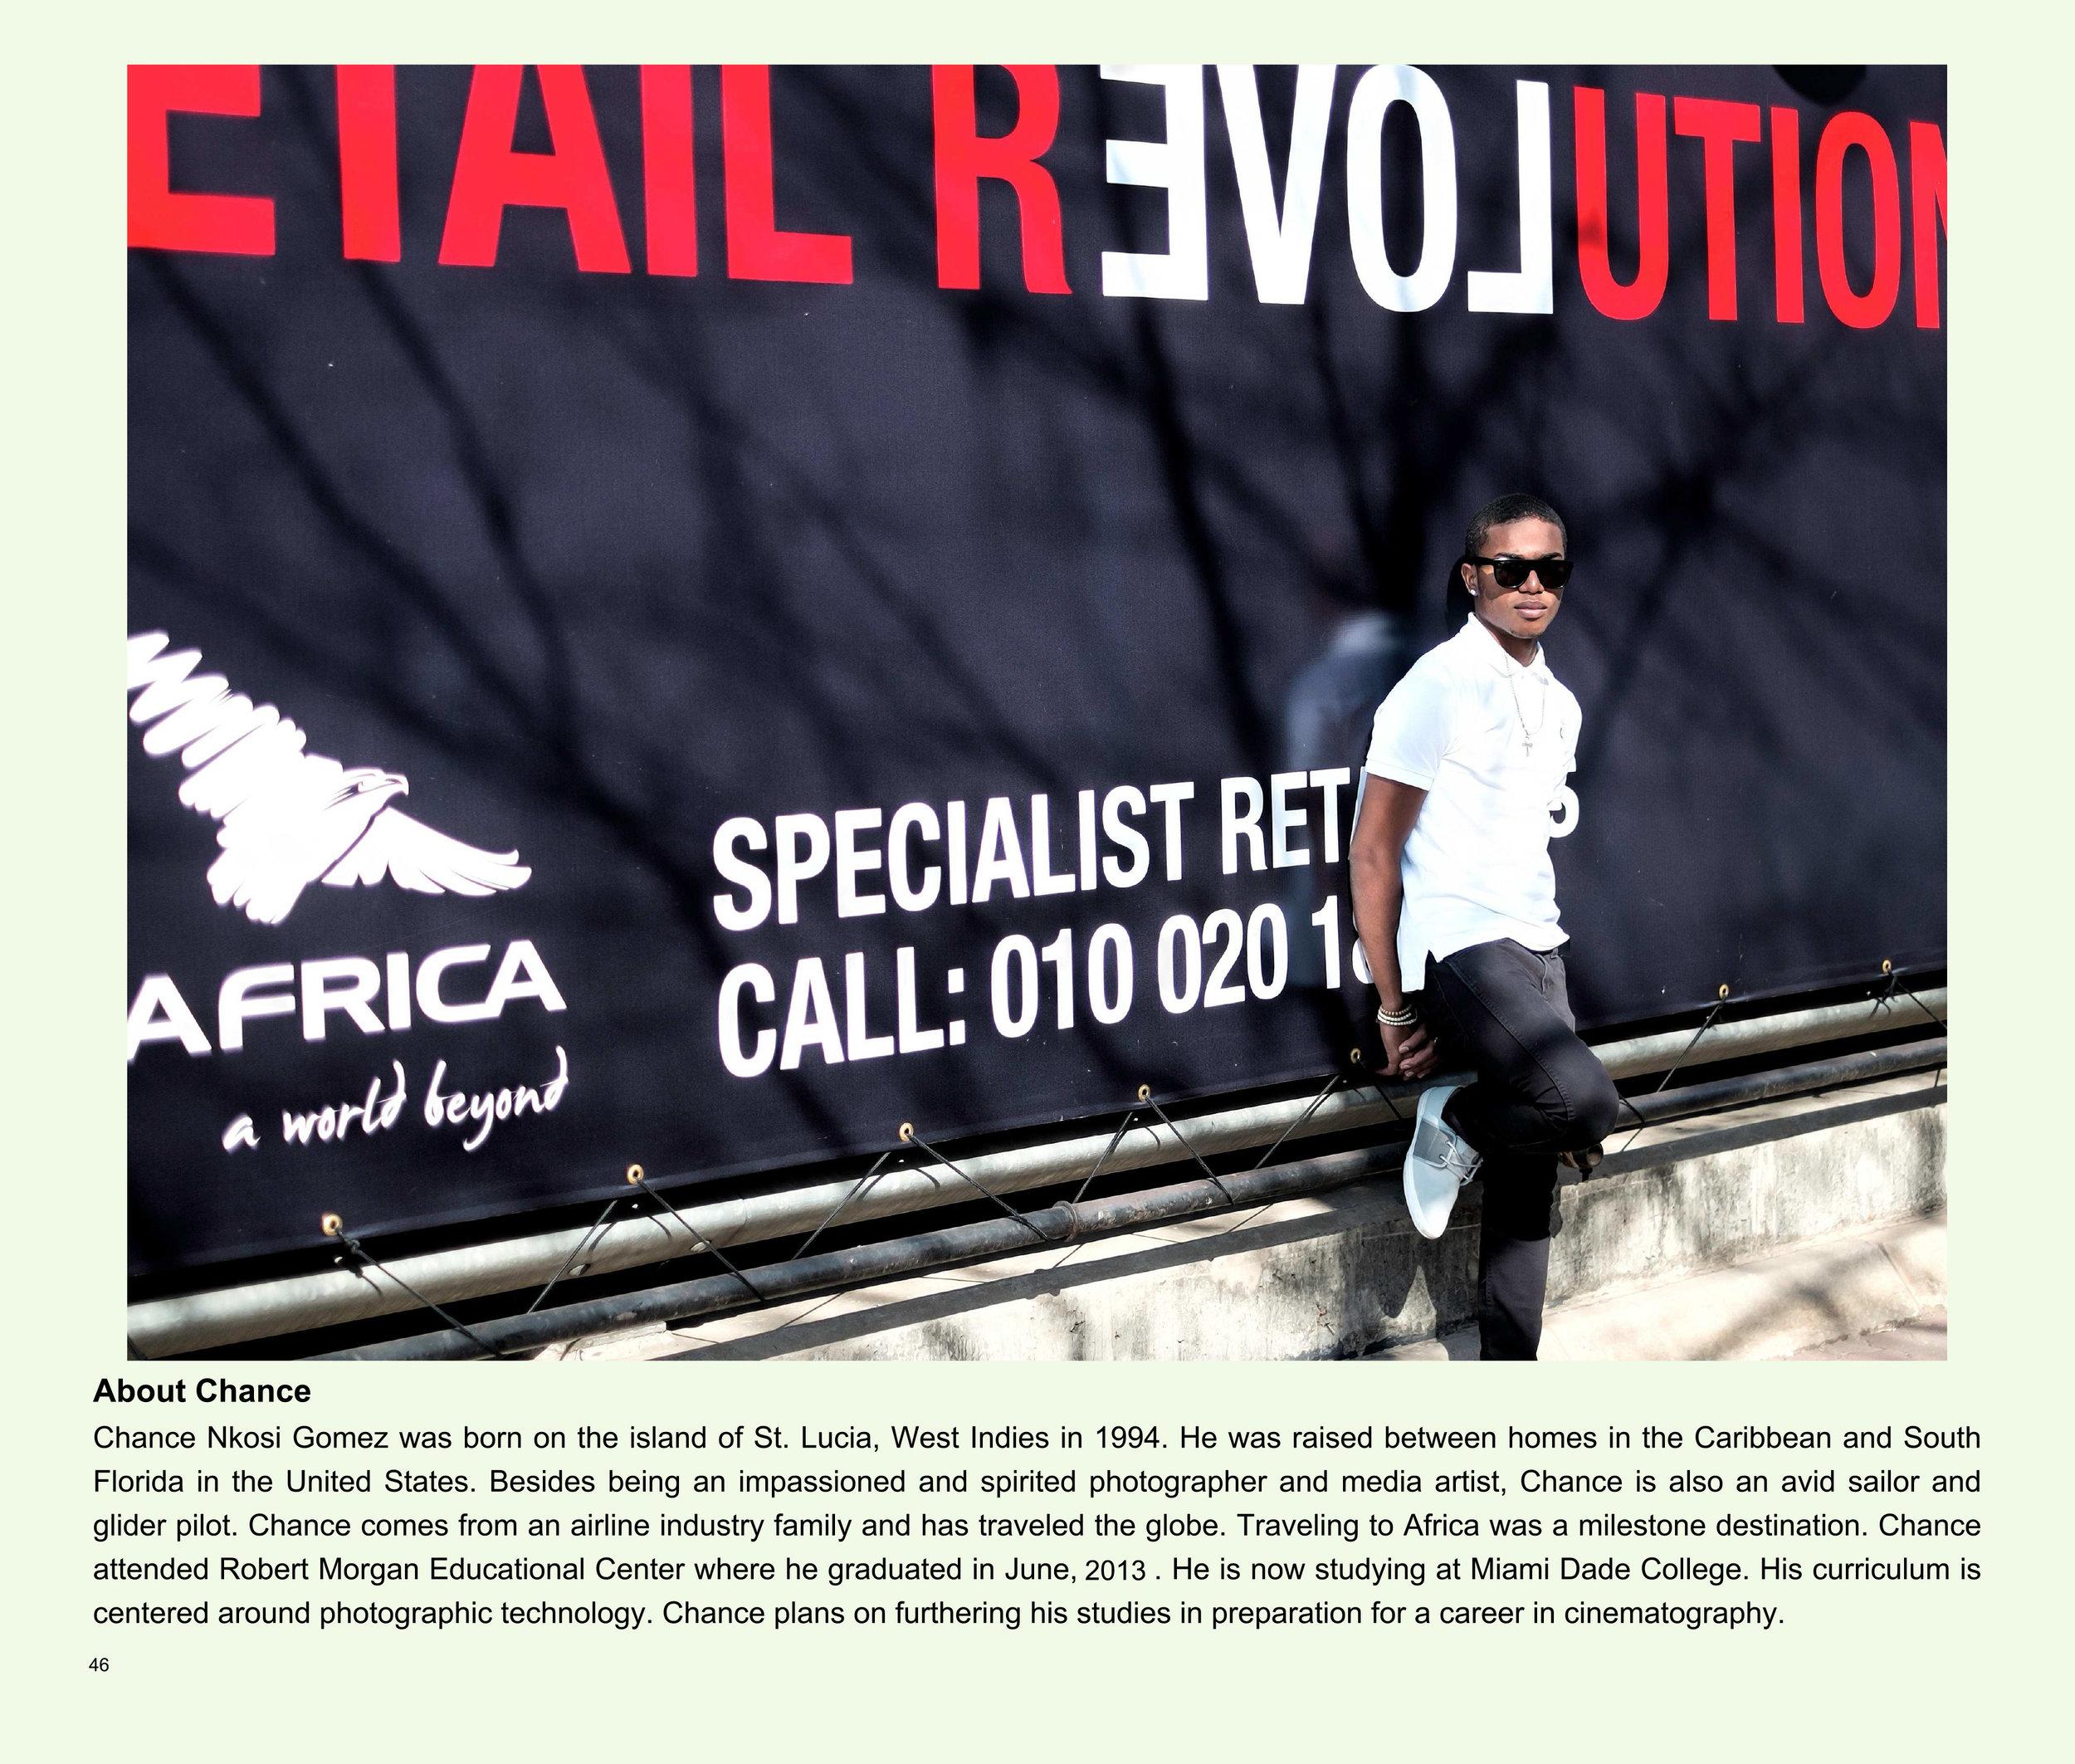 ImagesASouthernAfricaRoadTrip-48.jpg